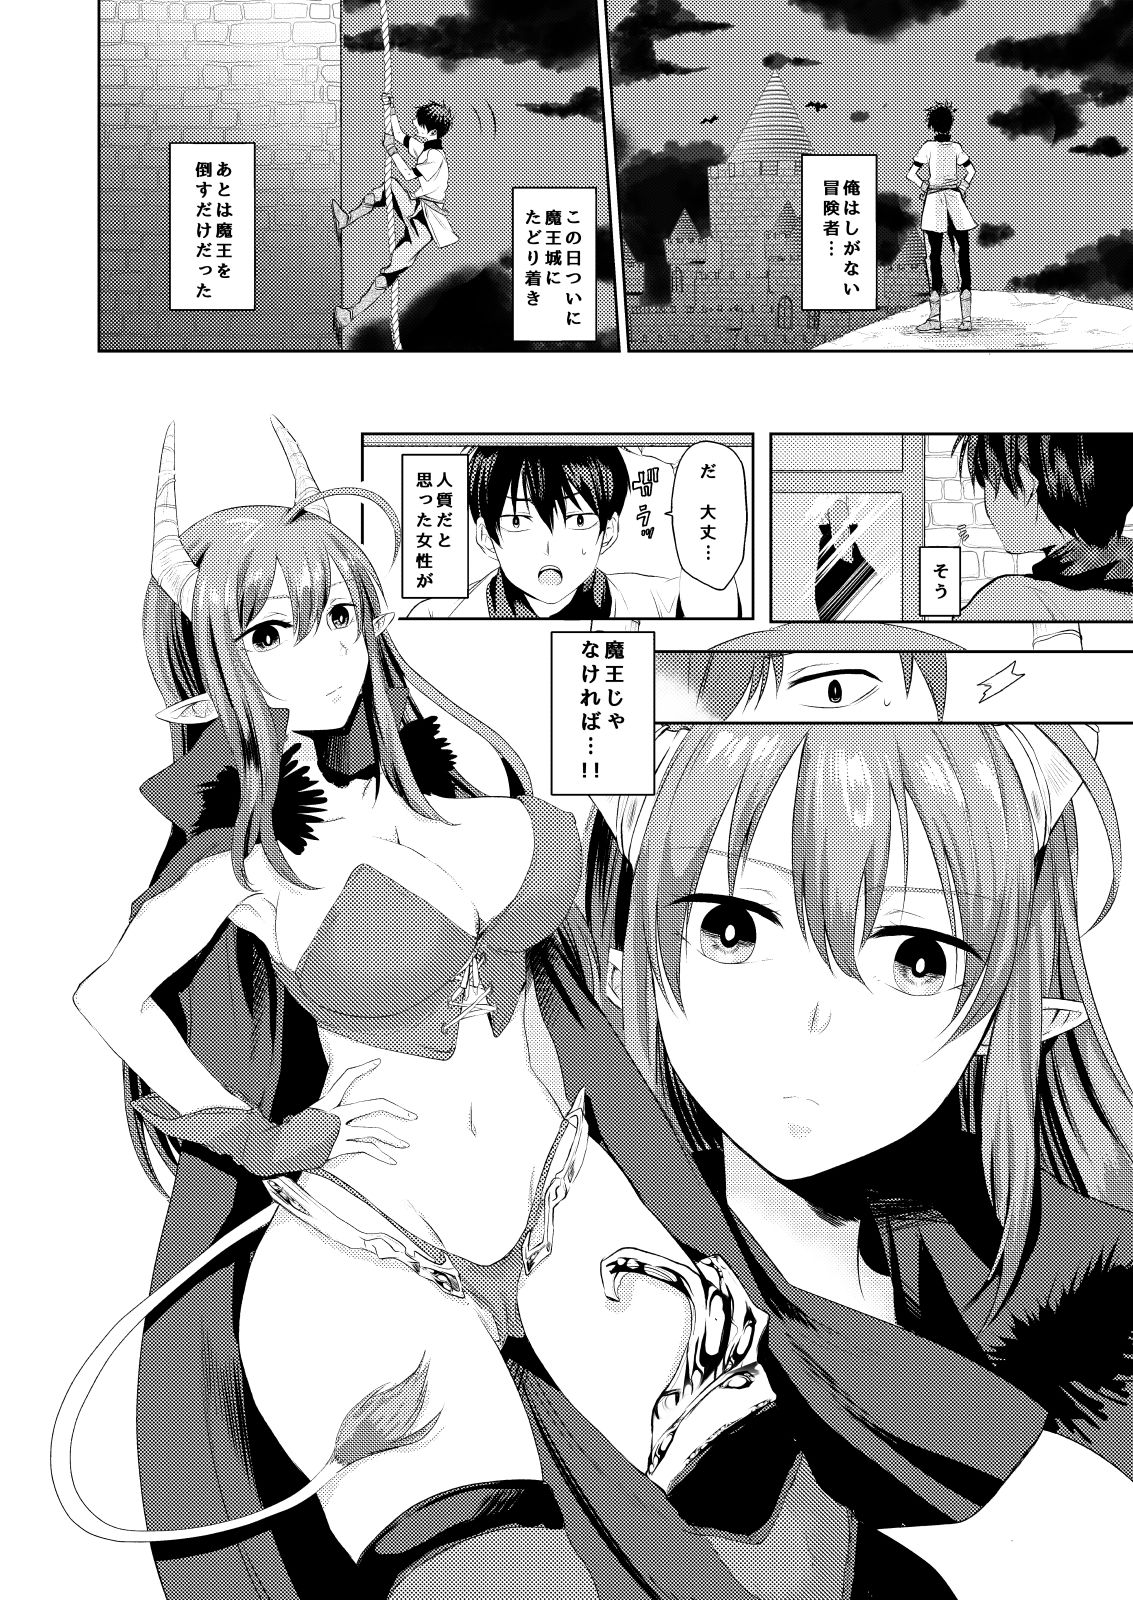 勇者のおしごと!~魔王ちゃん種付けレイプ編~1